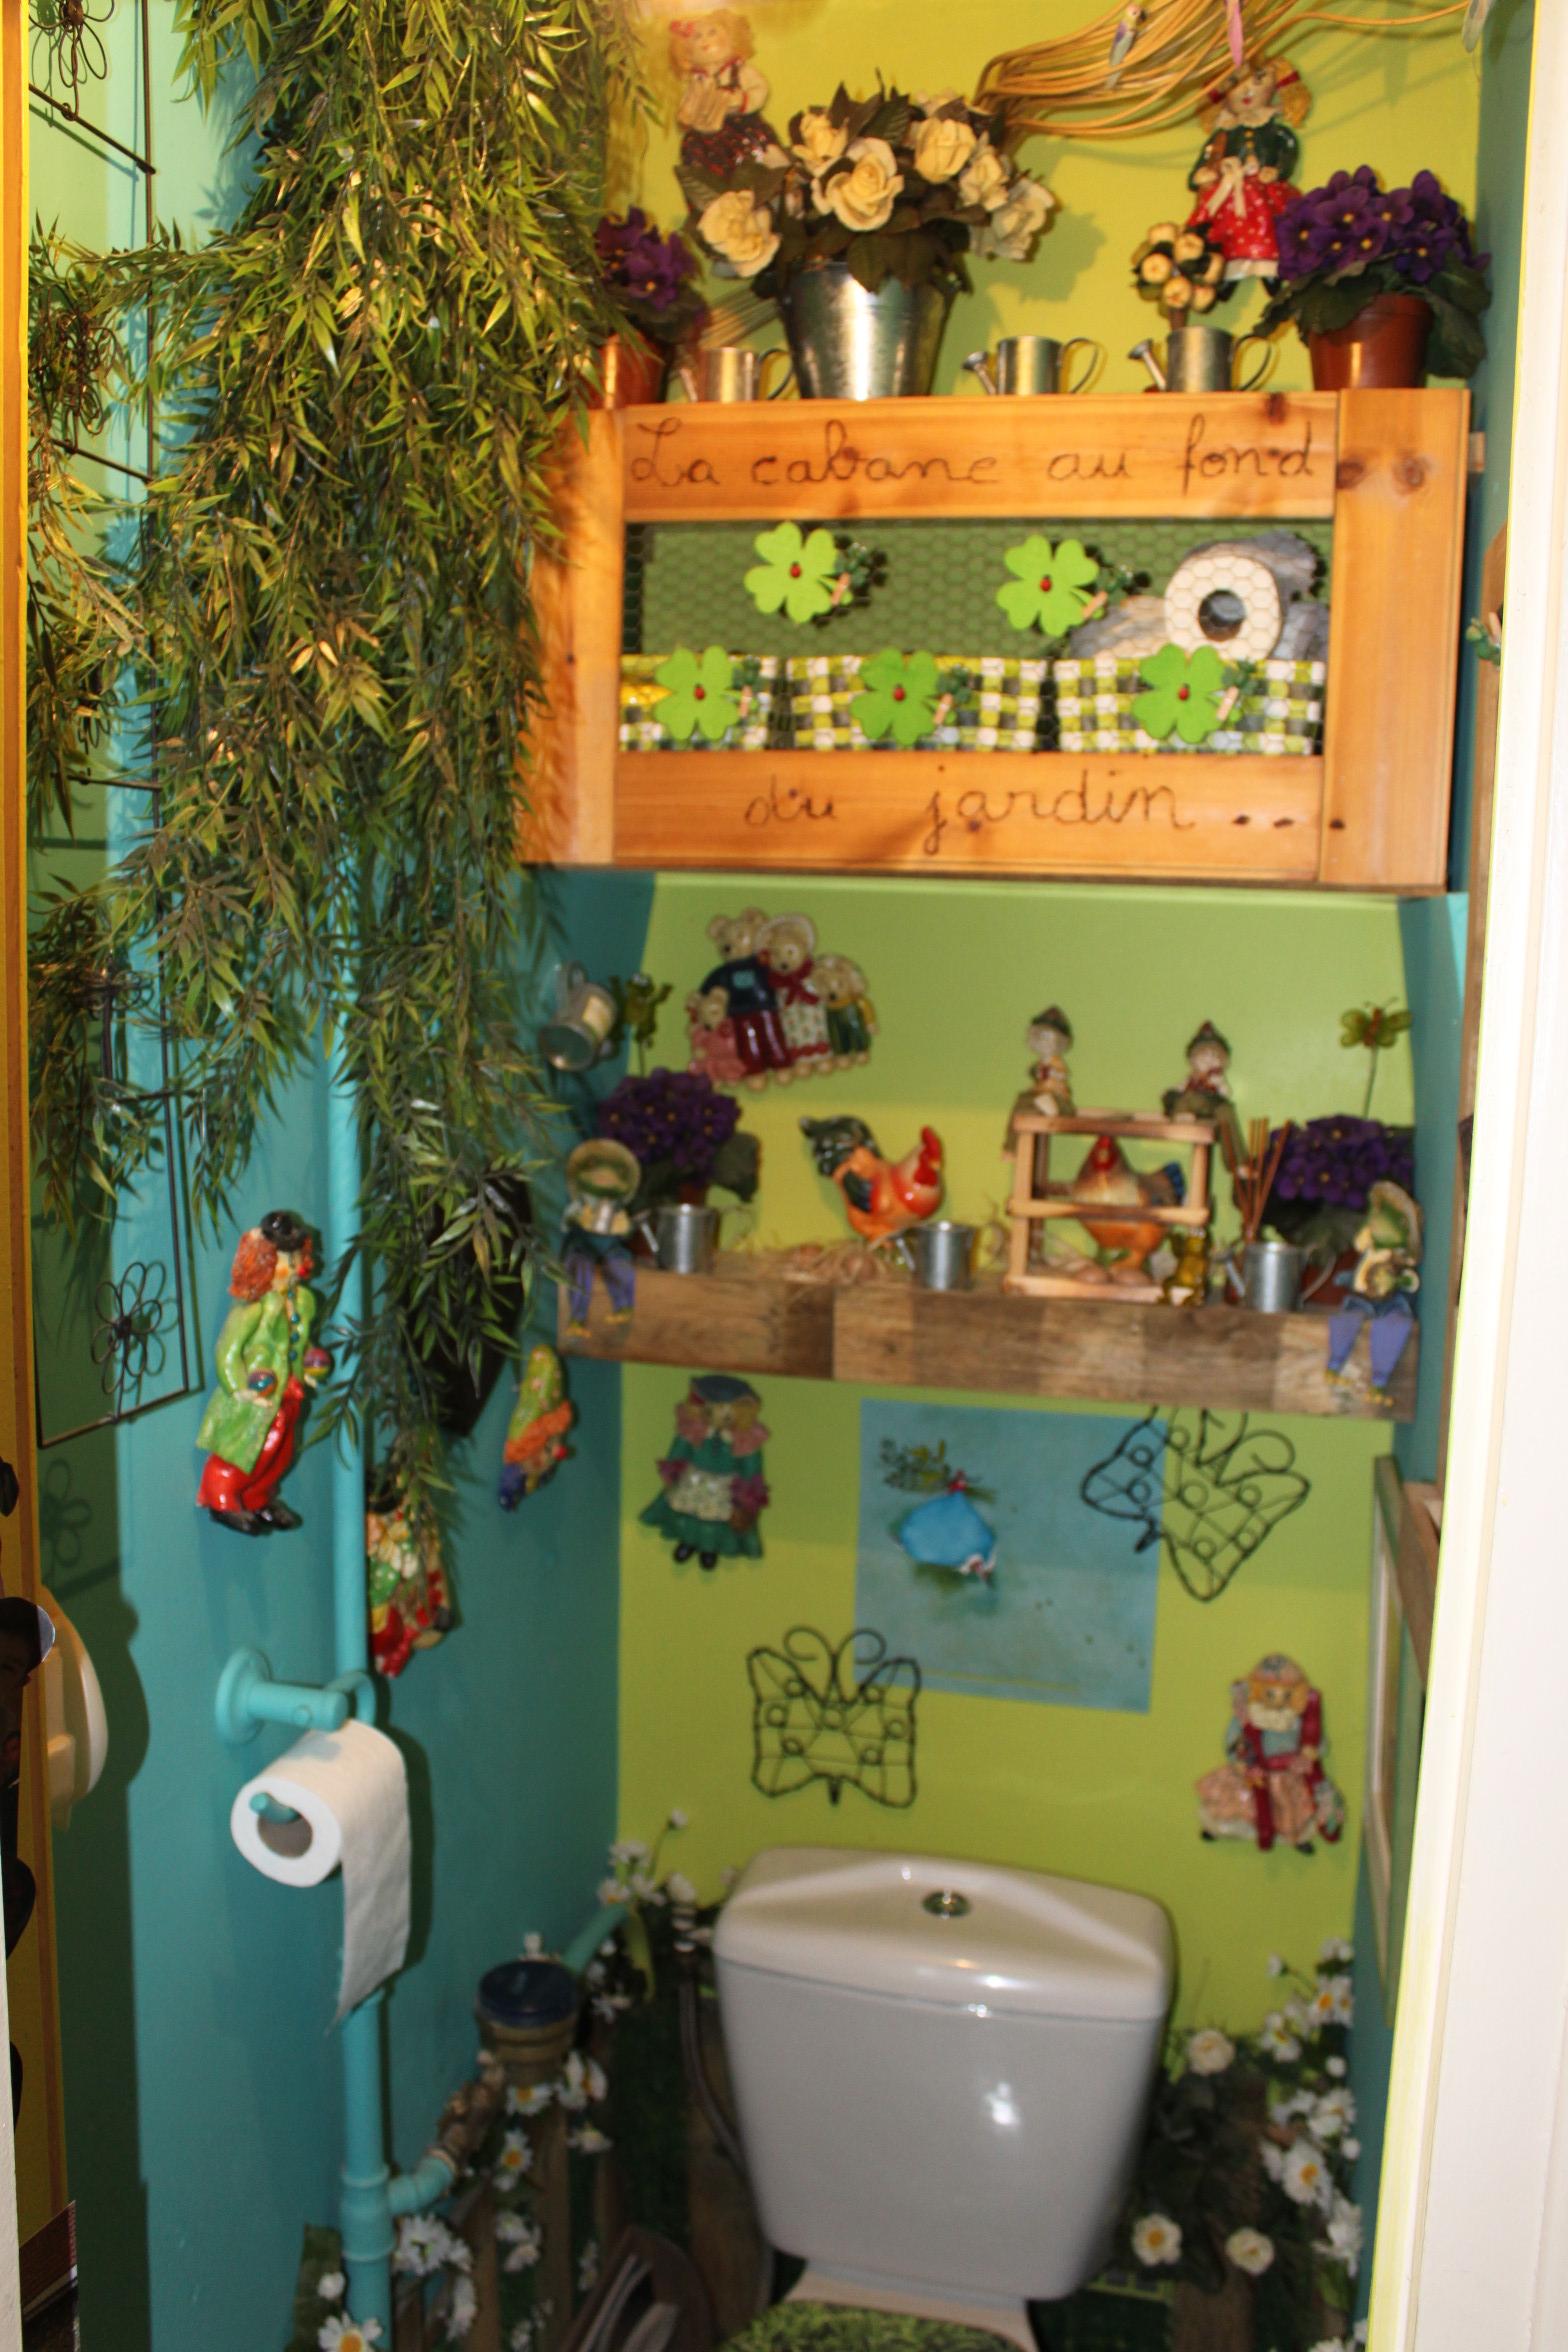 Peindre des wc photos de conception de maison for Peindre des toilettes